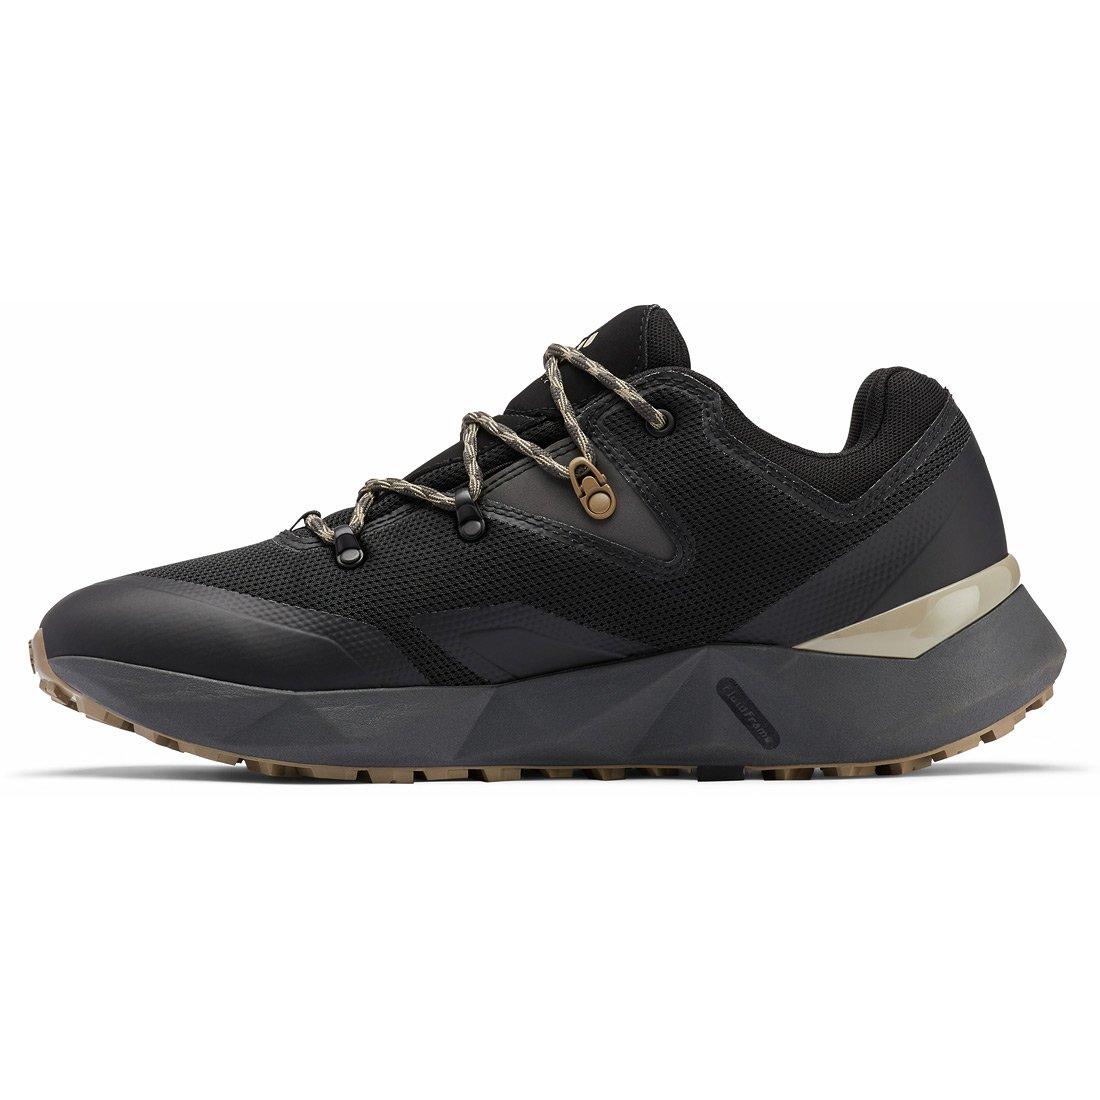 נעלי טיולים לגברים - Facet 60 Low Outdry M - Columbia